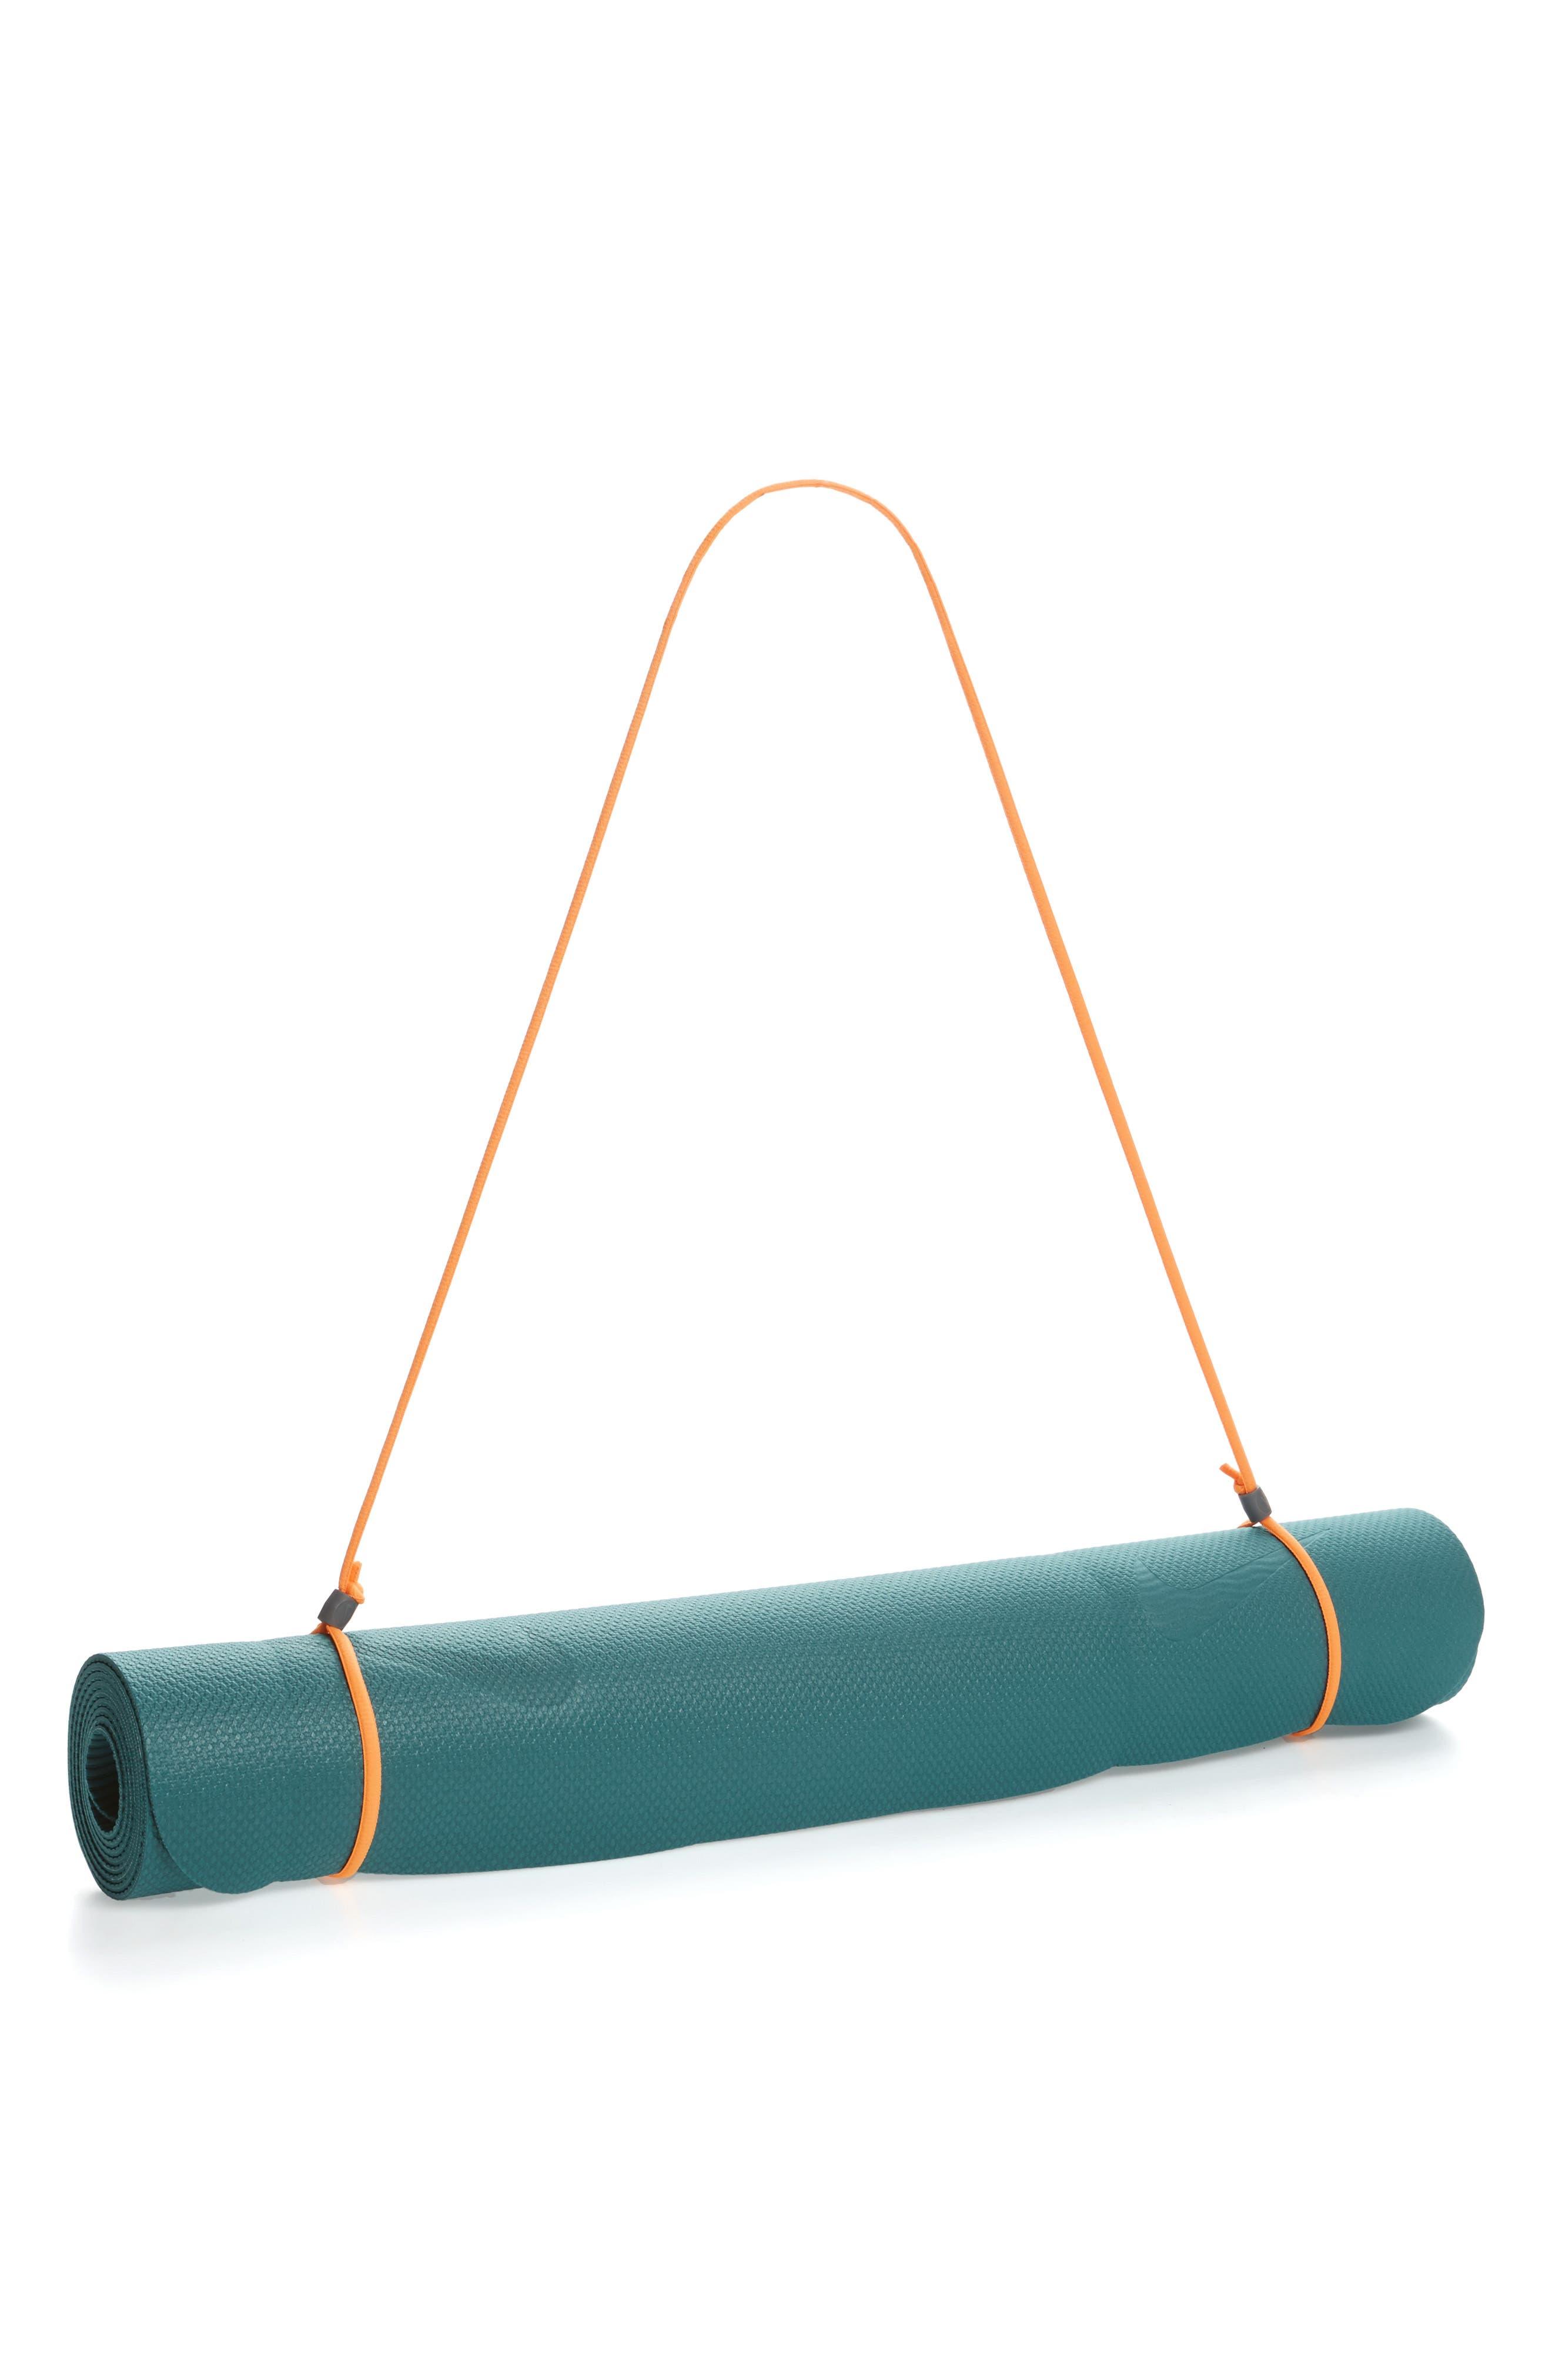 Main Image - Nike Fundamental 3mm Foam Yoga Mat